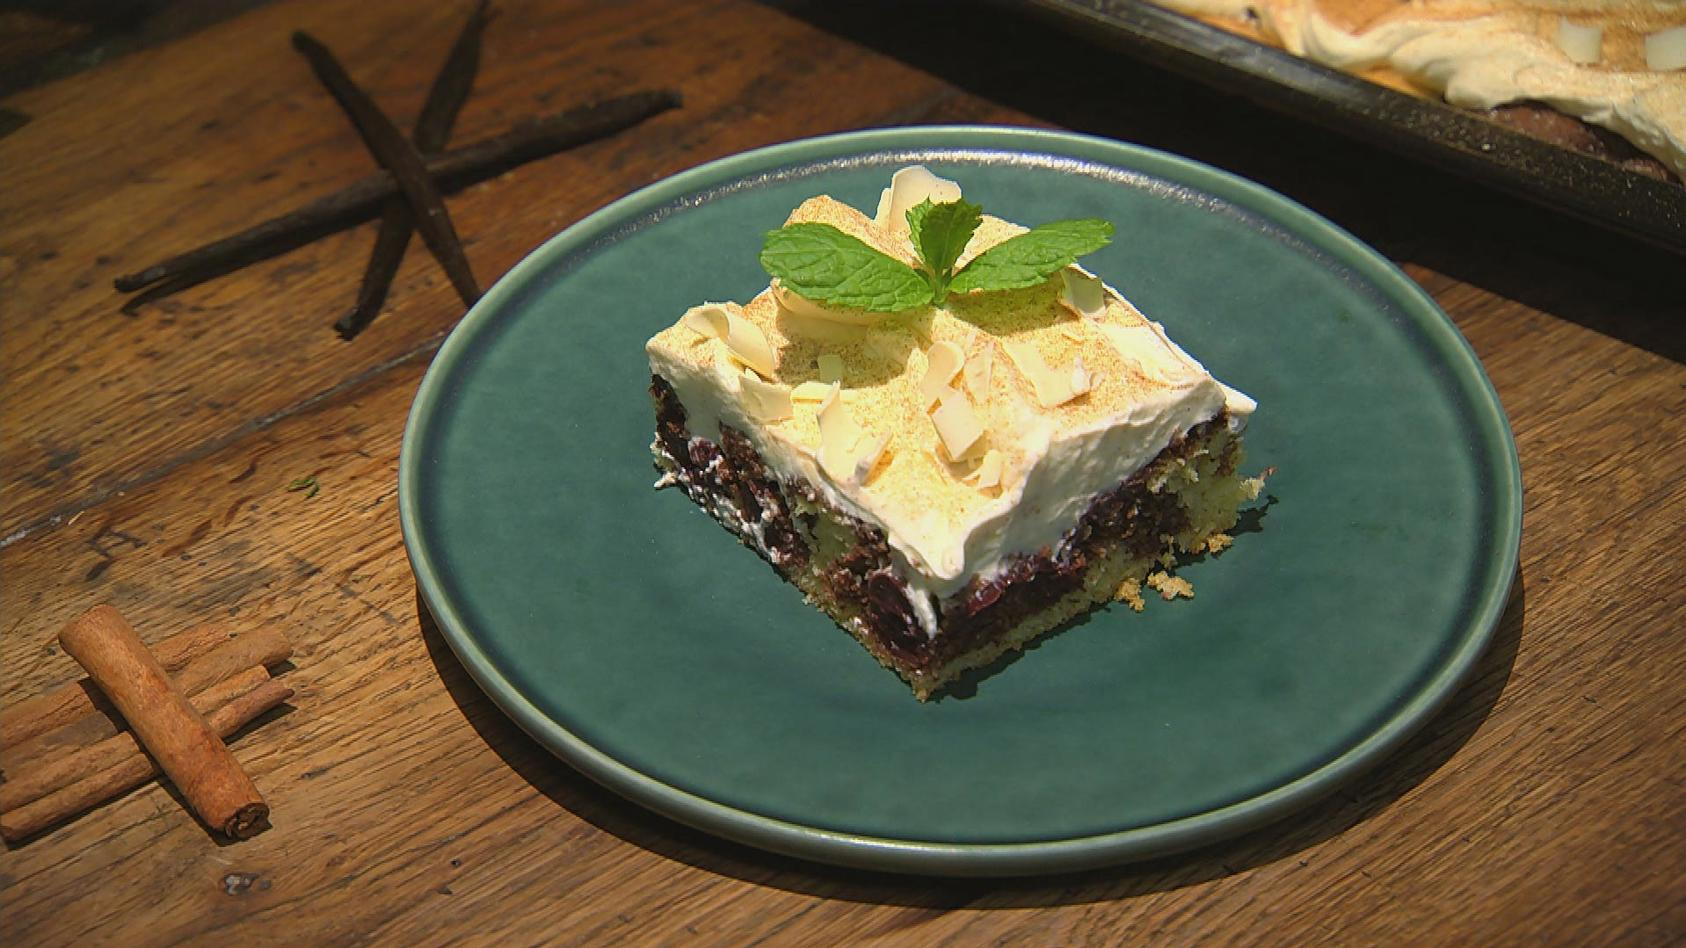 Süße Würze – Herzhafte Gerichte mit Vanille, Schoko und Zimt!: Zimt-Donauwellen